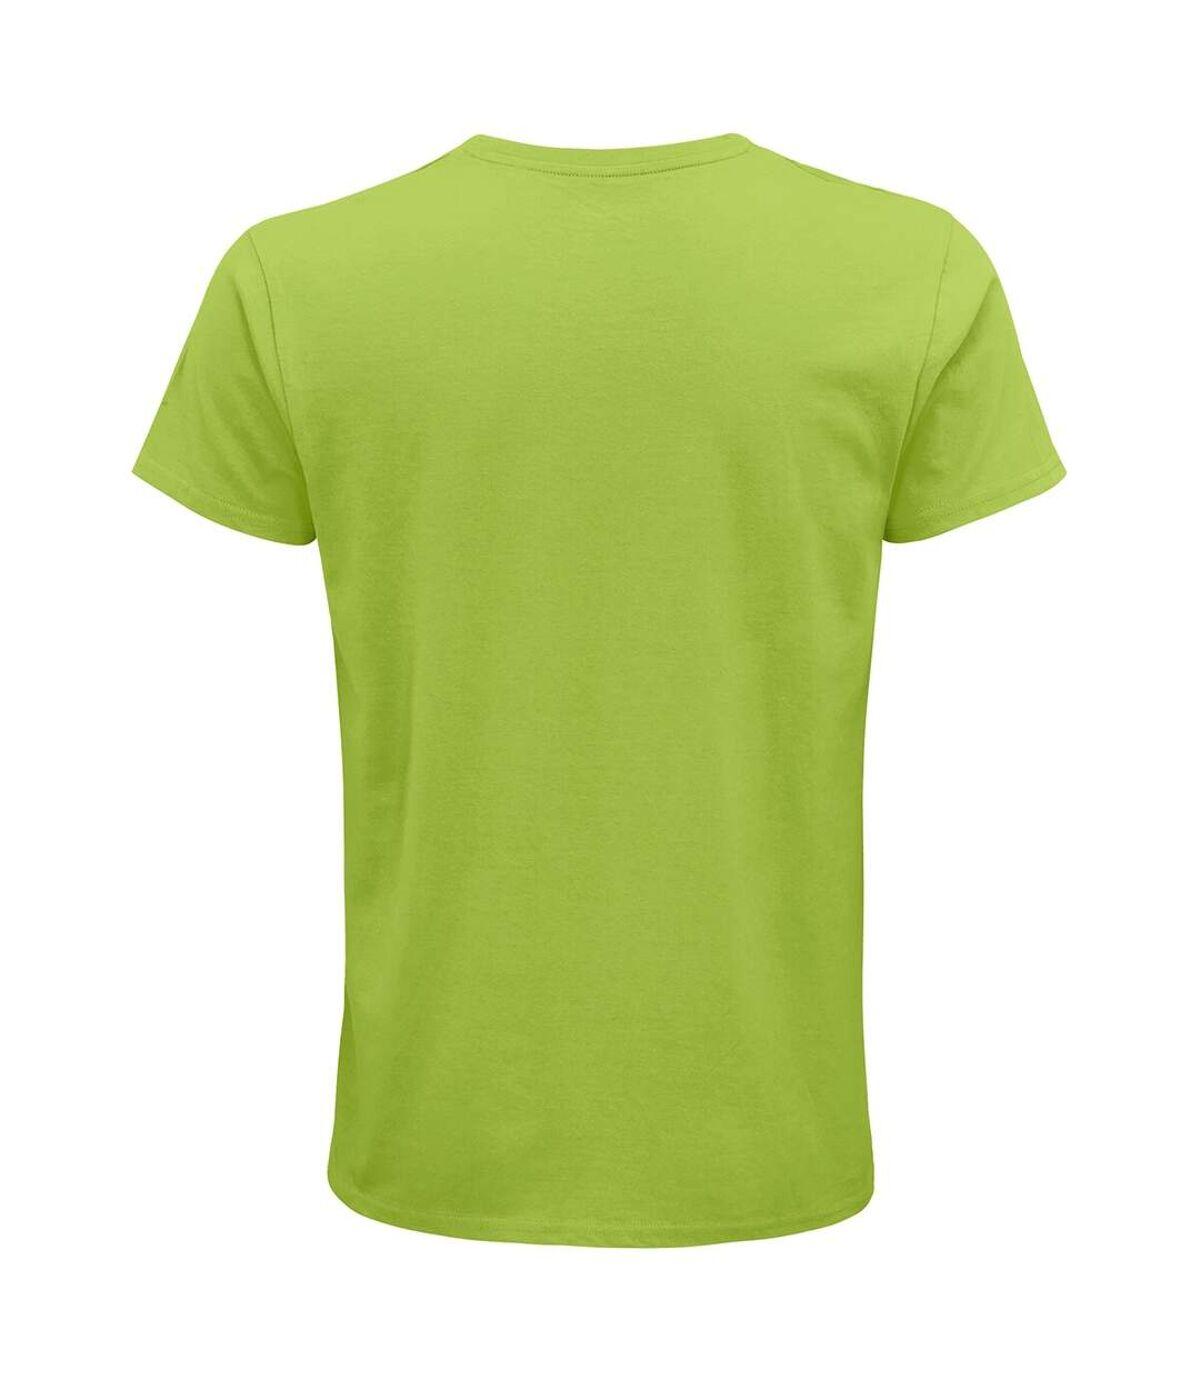 SOLS Mens Crusader Organic T-Shirt (Apple Green) - UTPC4316